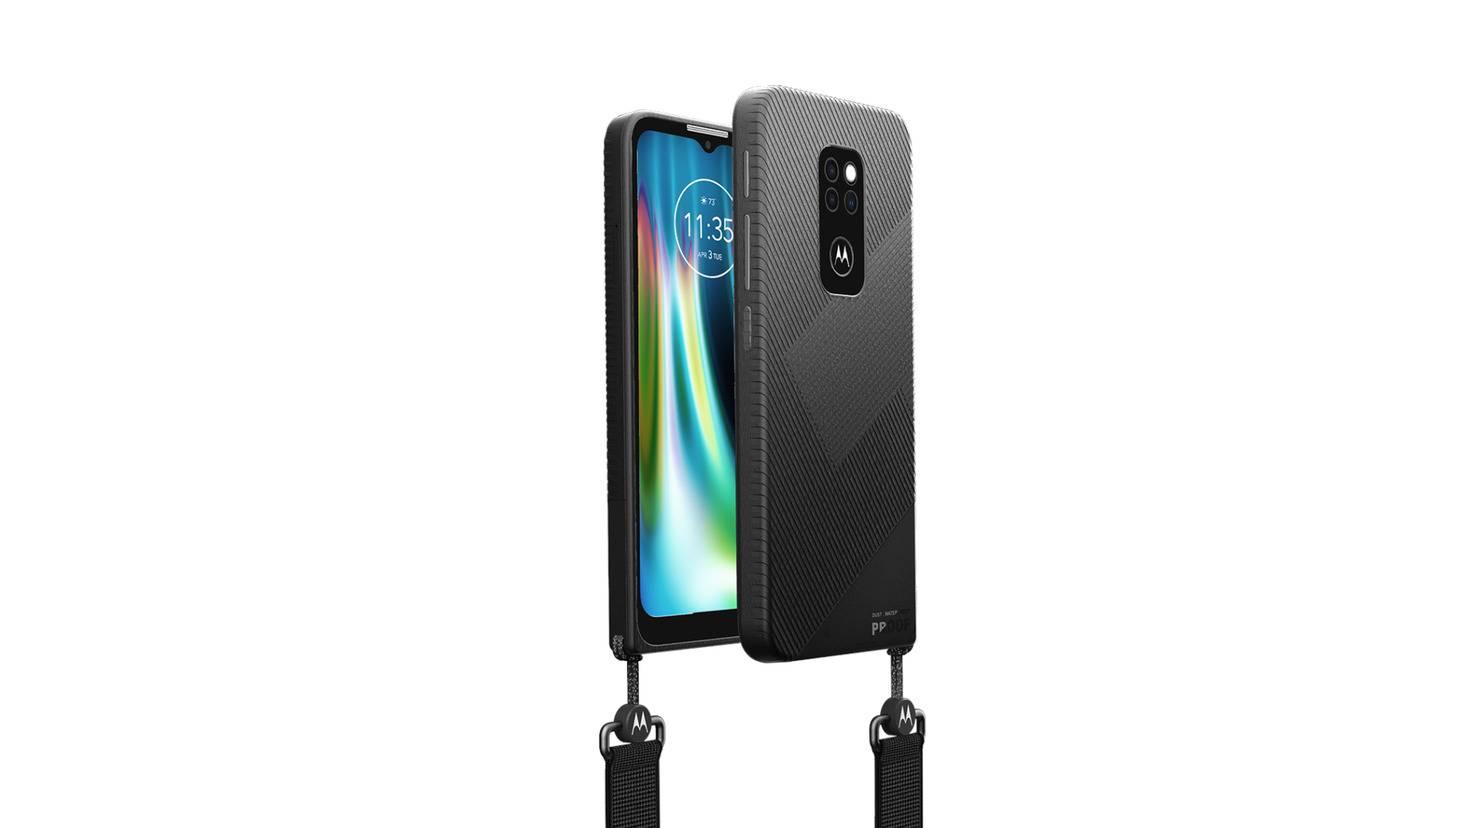 Für ein Outdoor-Smartphone sieht das Defy sehr schlicht und unauffällig aus.